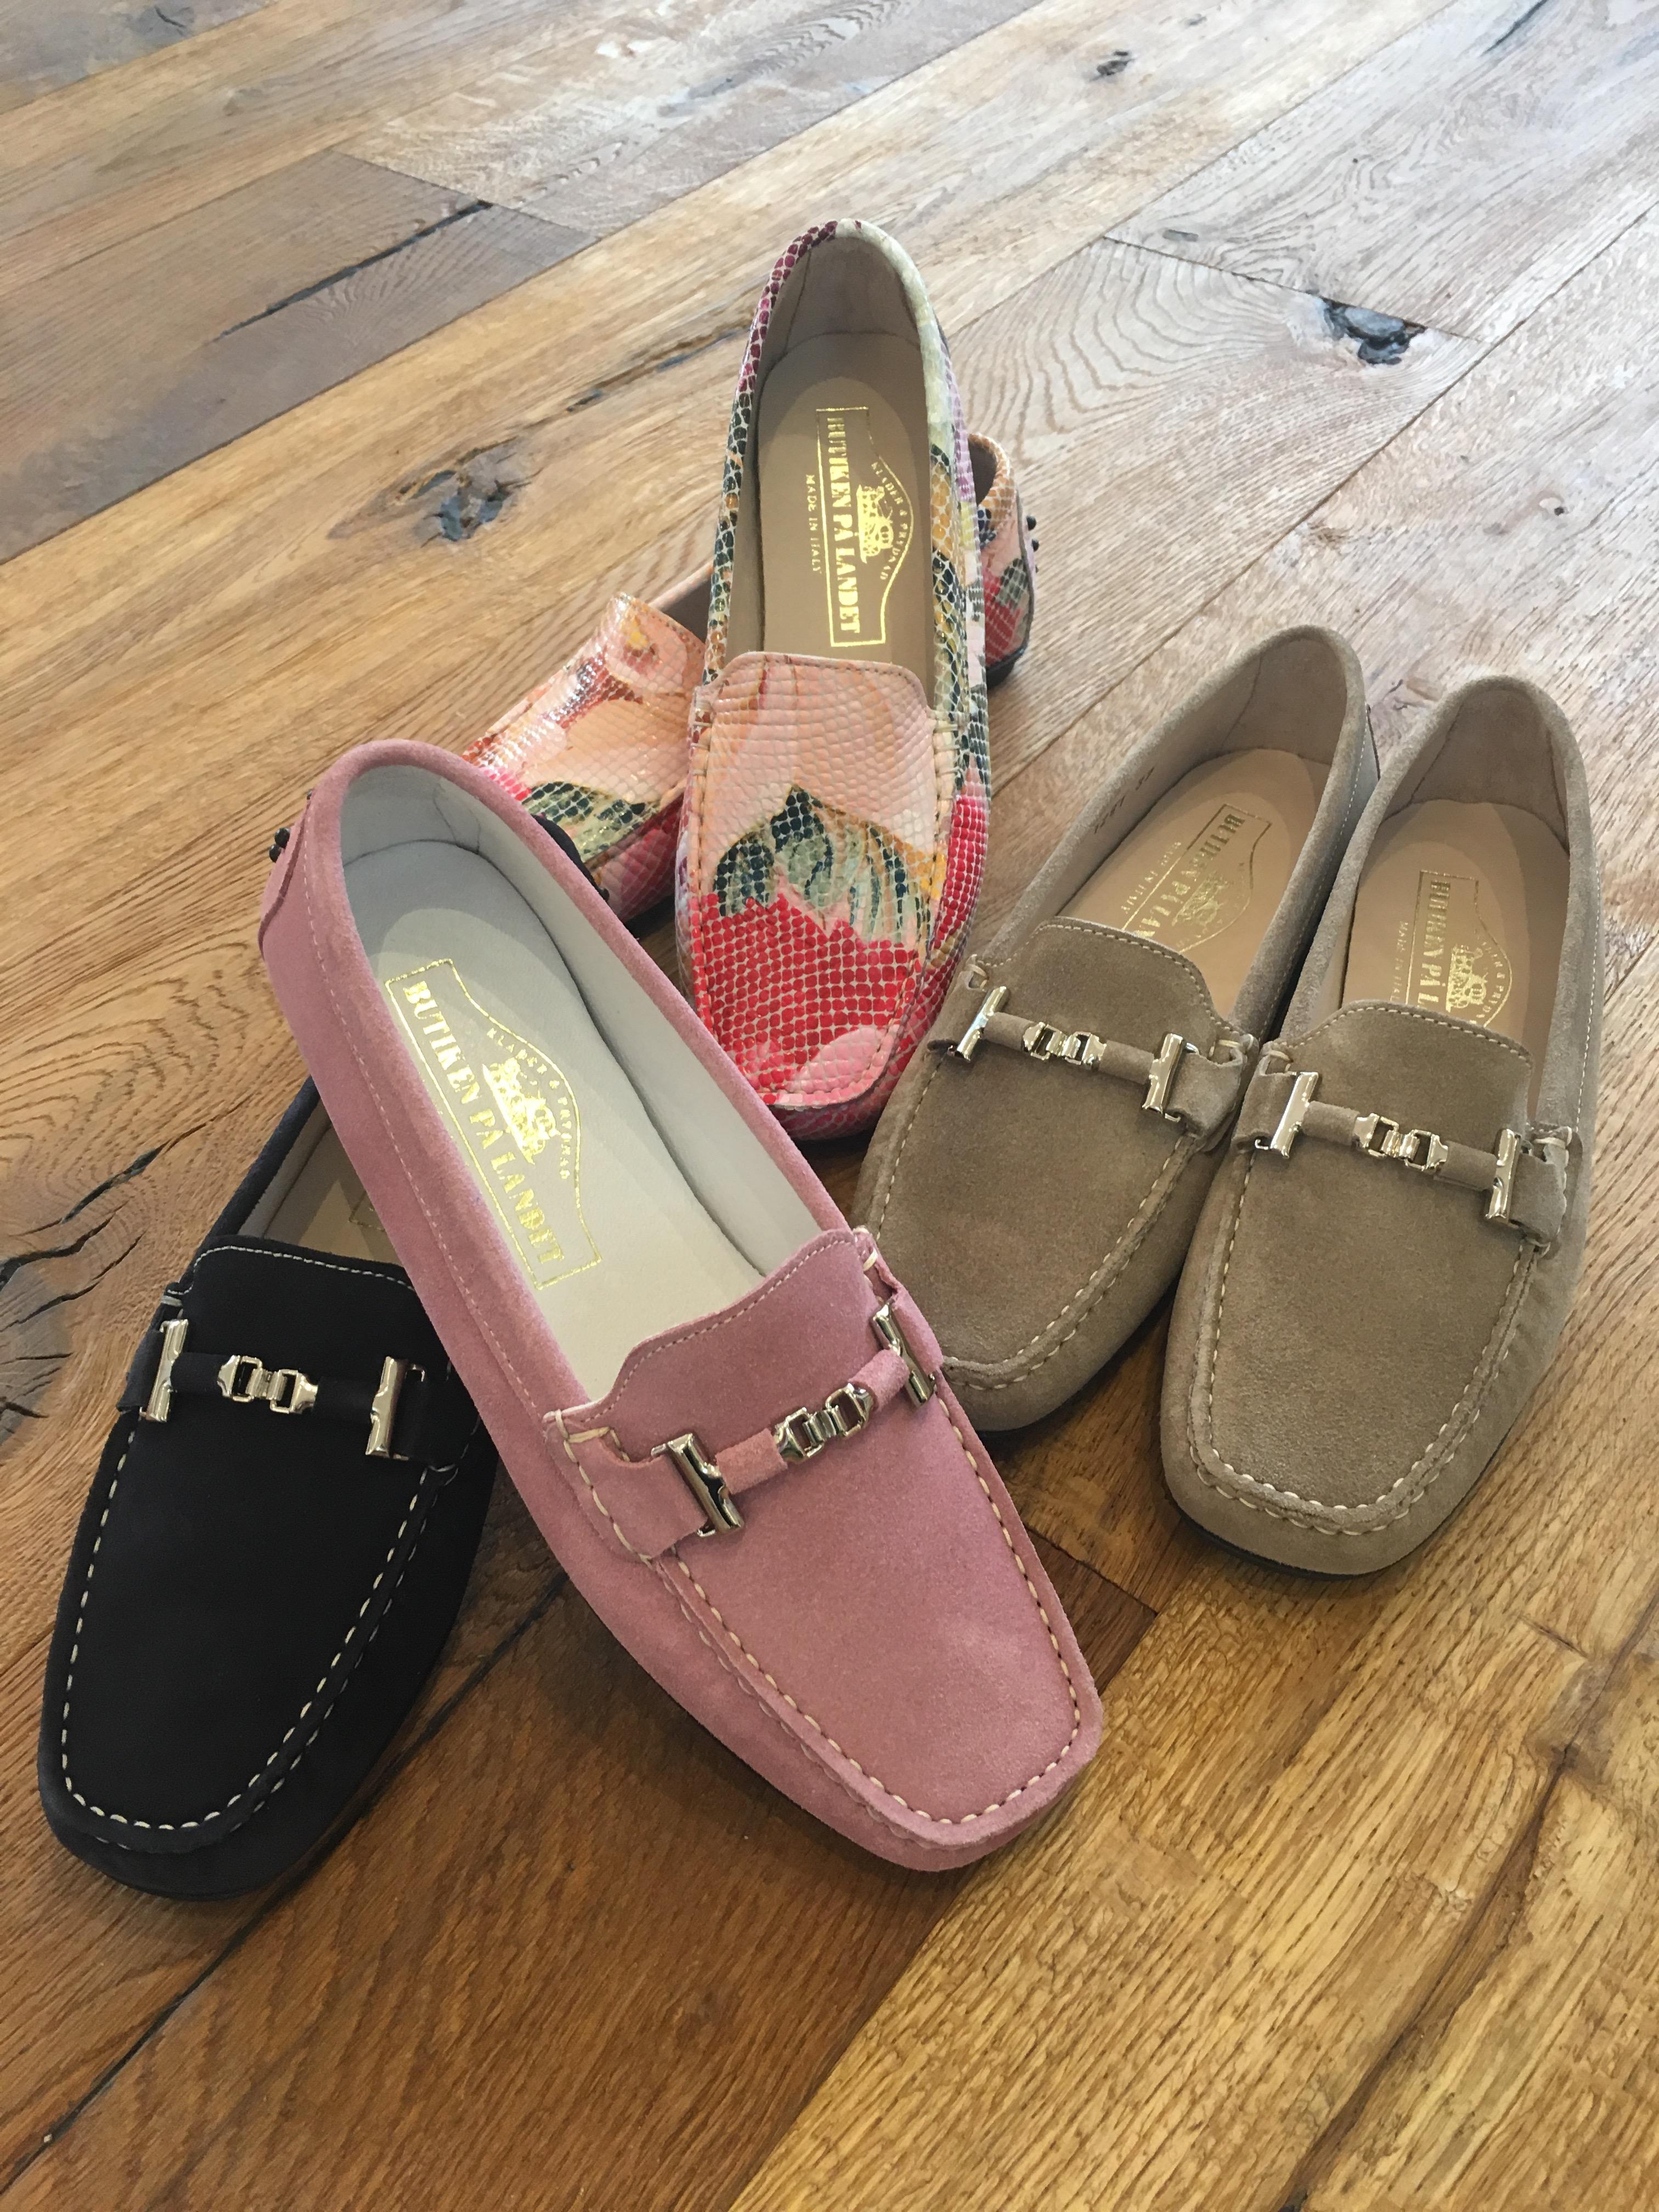 Vårfina loafers | Butiken på landet